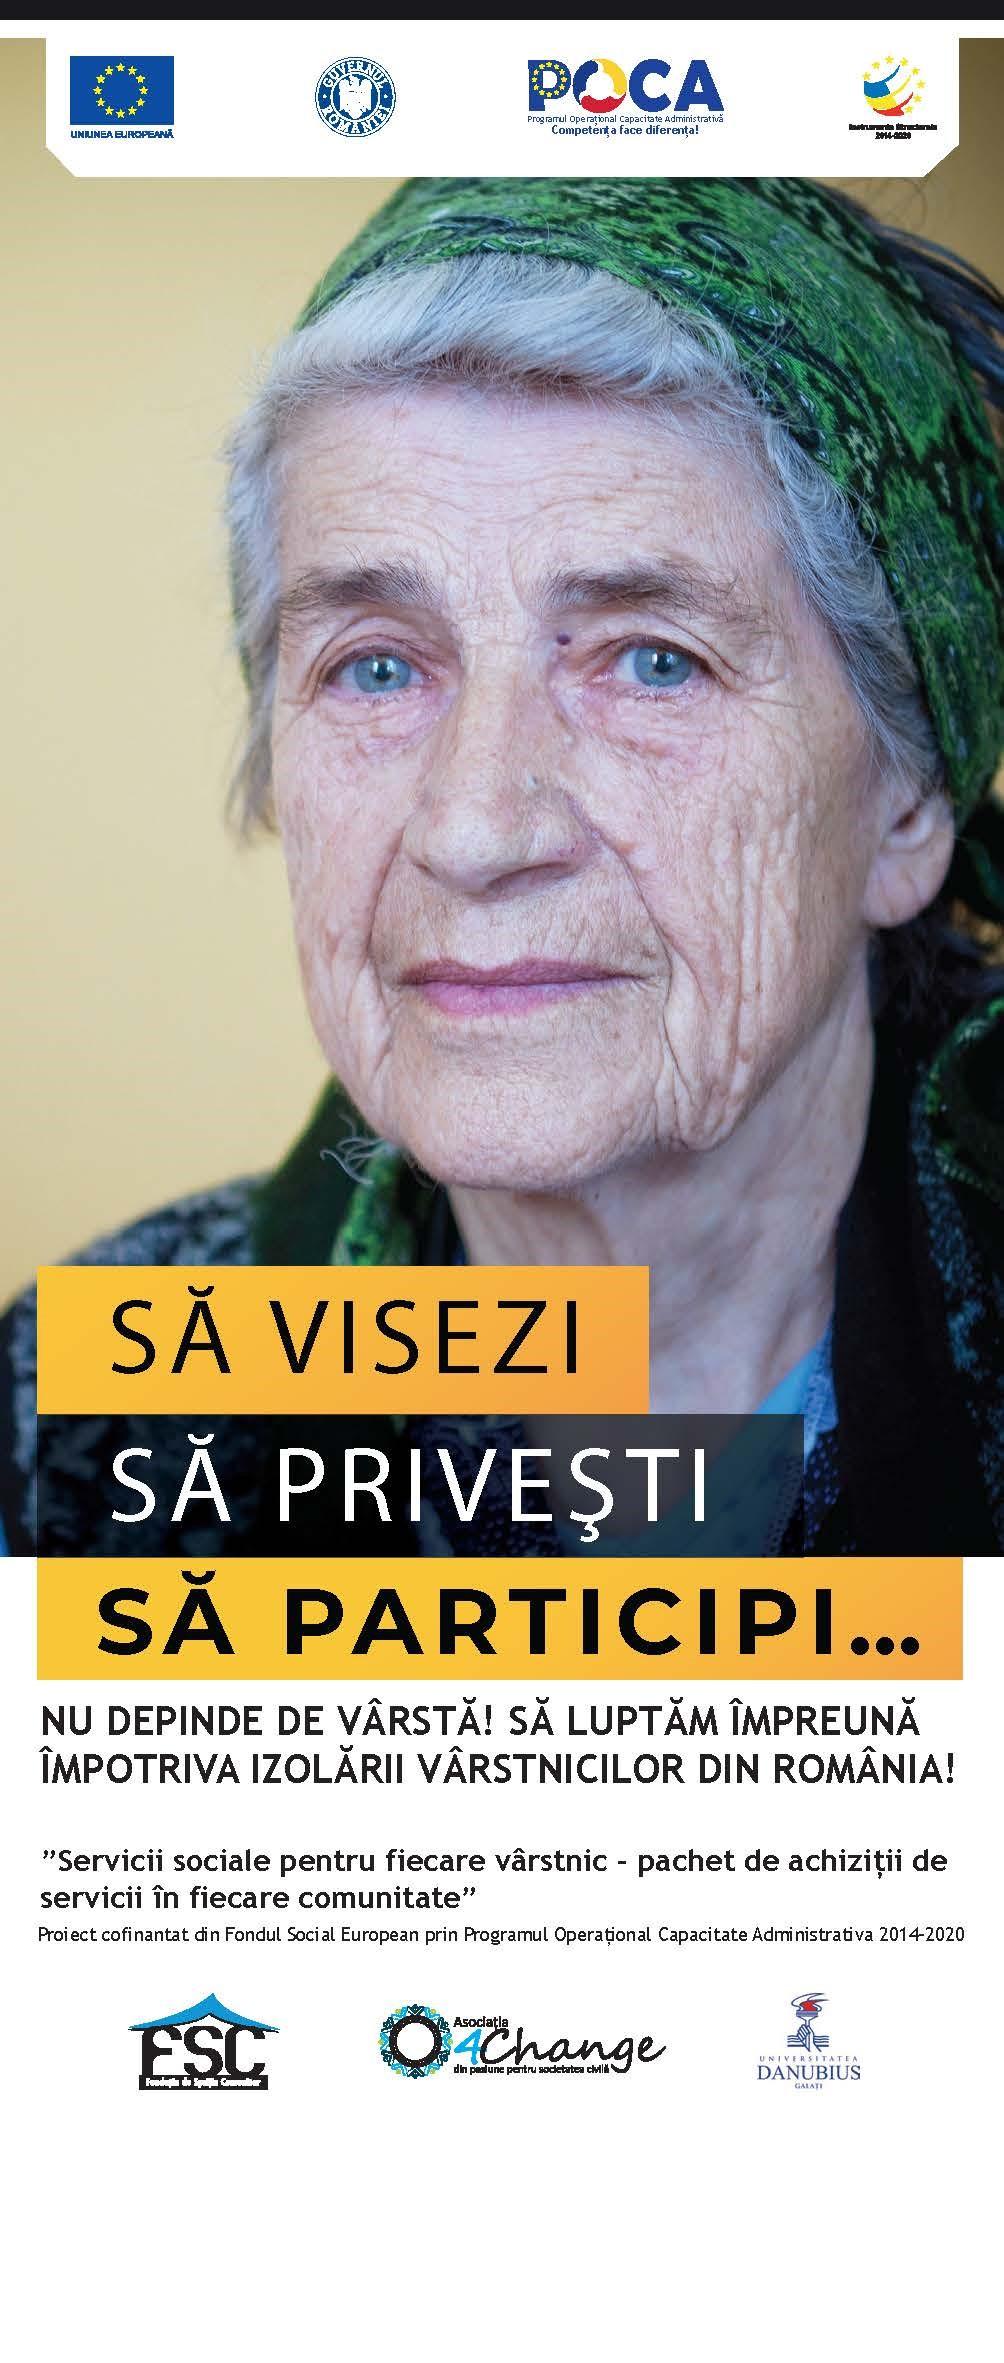 212.000 de persoane vârstnice au nevoie de servicii sociale adaptate nevoilor lor